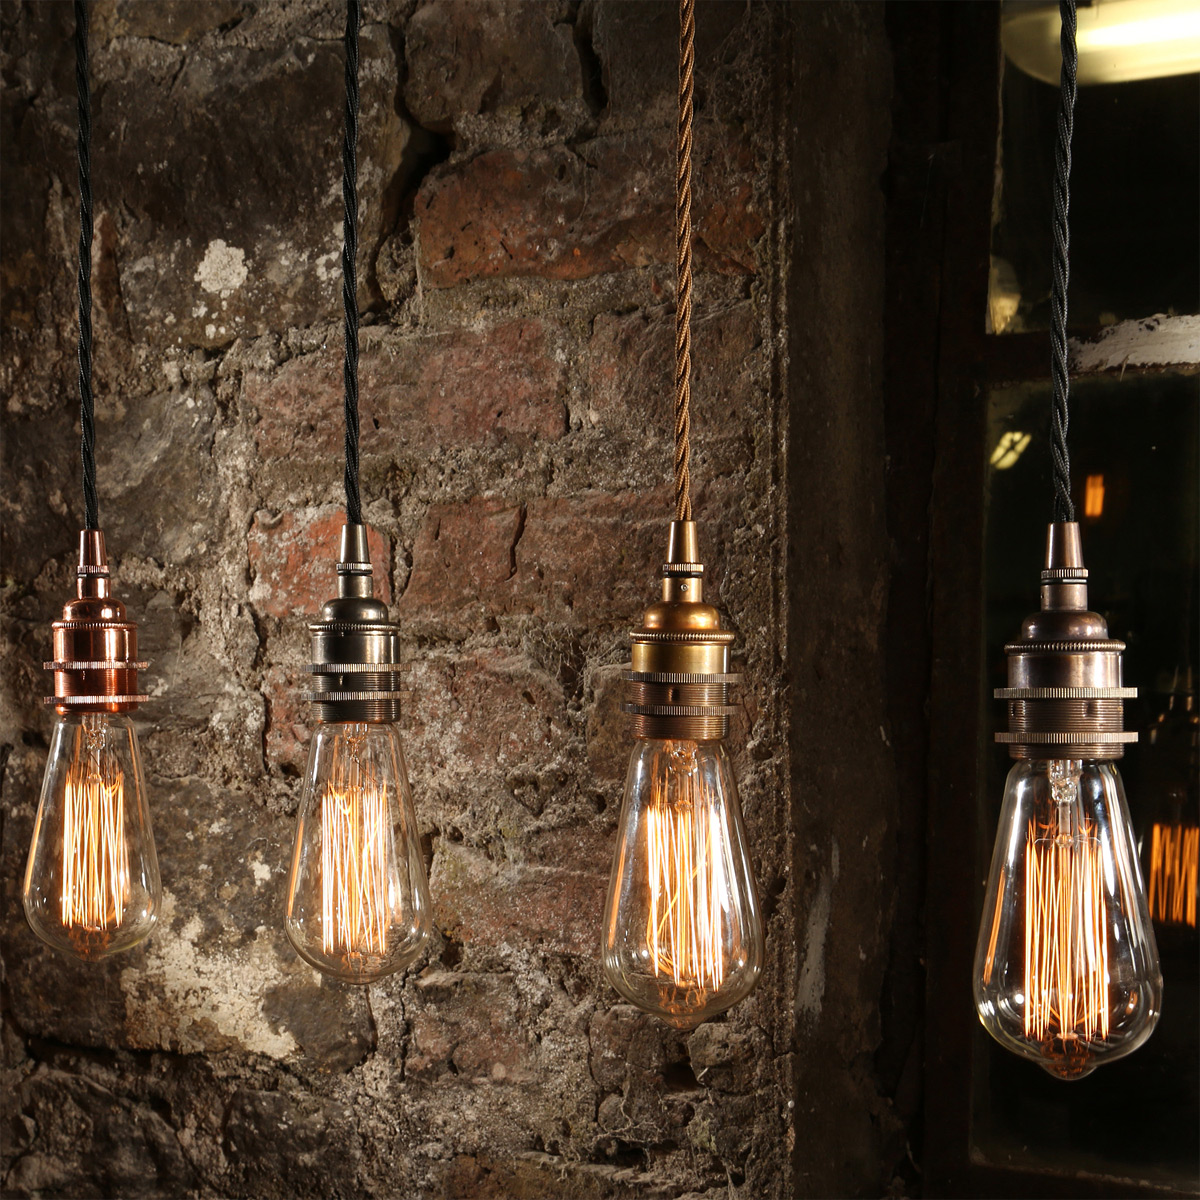 Faszinierend Hängelampe Glühbirne Sammlung Von Schlichte Hängeleuchte Zum Einsatz Mit Edison-glühlampe Von